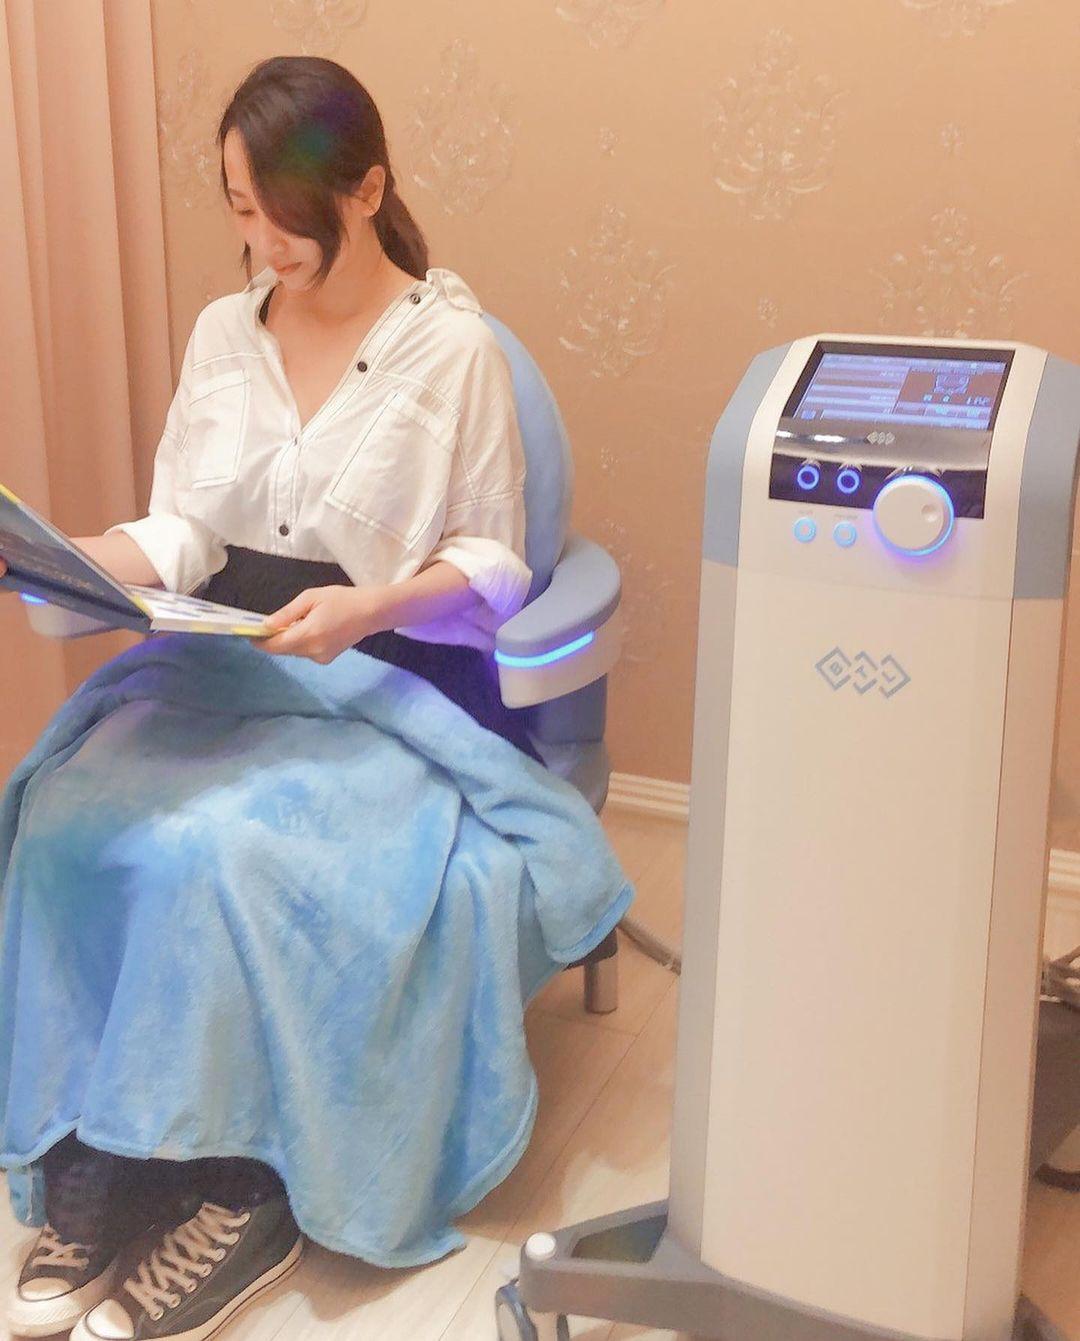 【G動椅】星和診所/桃園醫美-張衣雯醫師-只需要坐著就能治療骨盆底肌群改善頻尿問題-Even